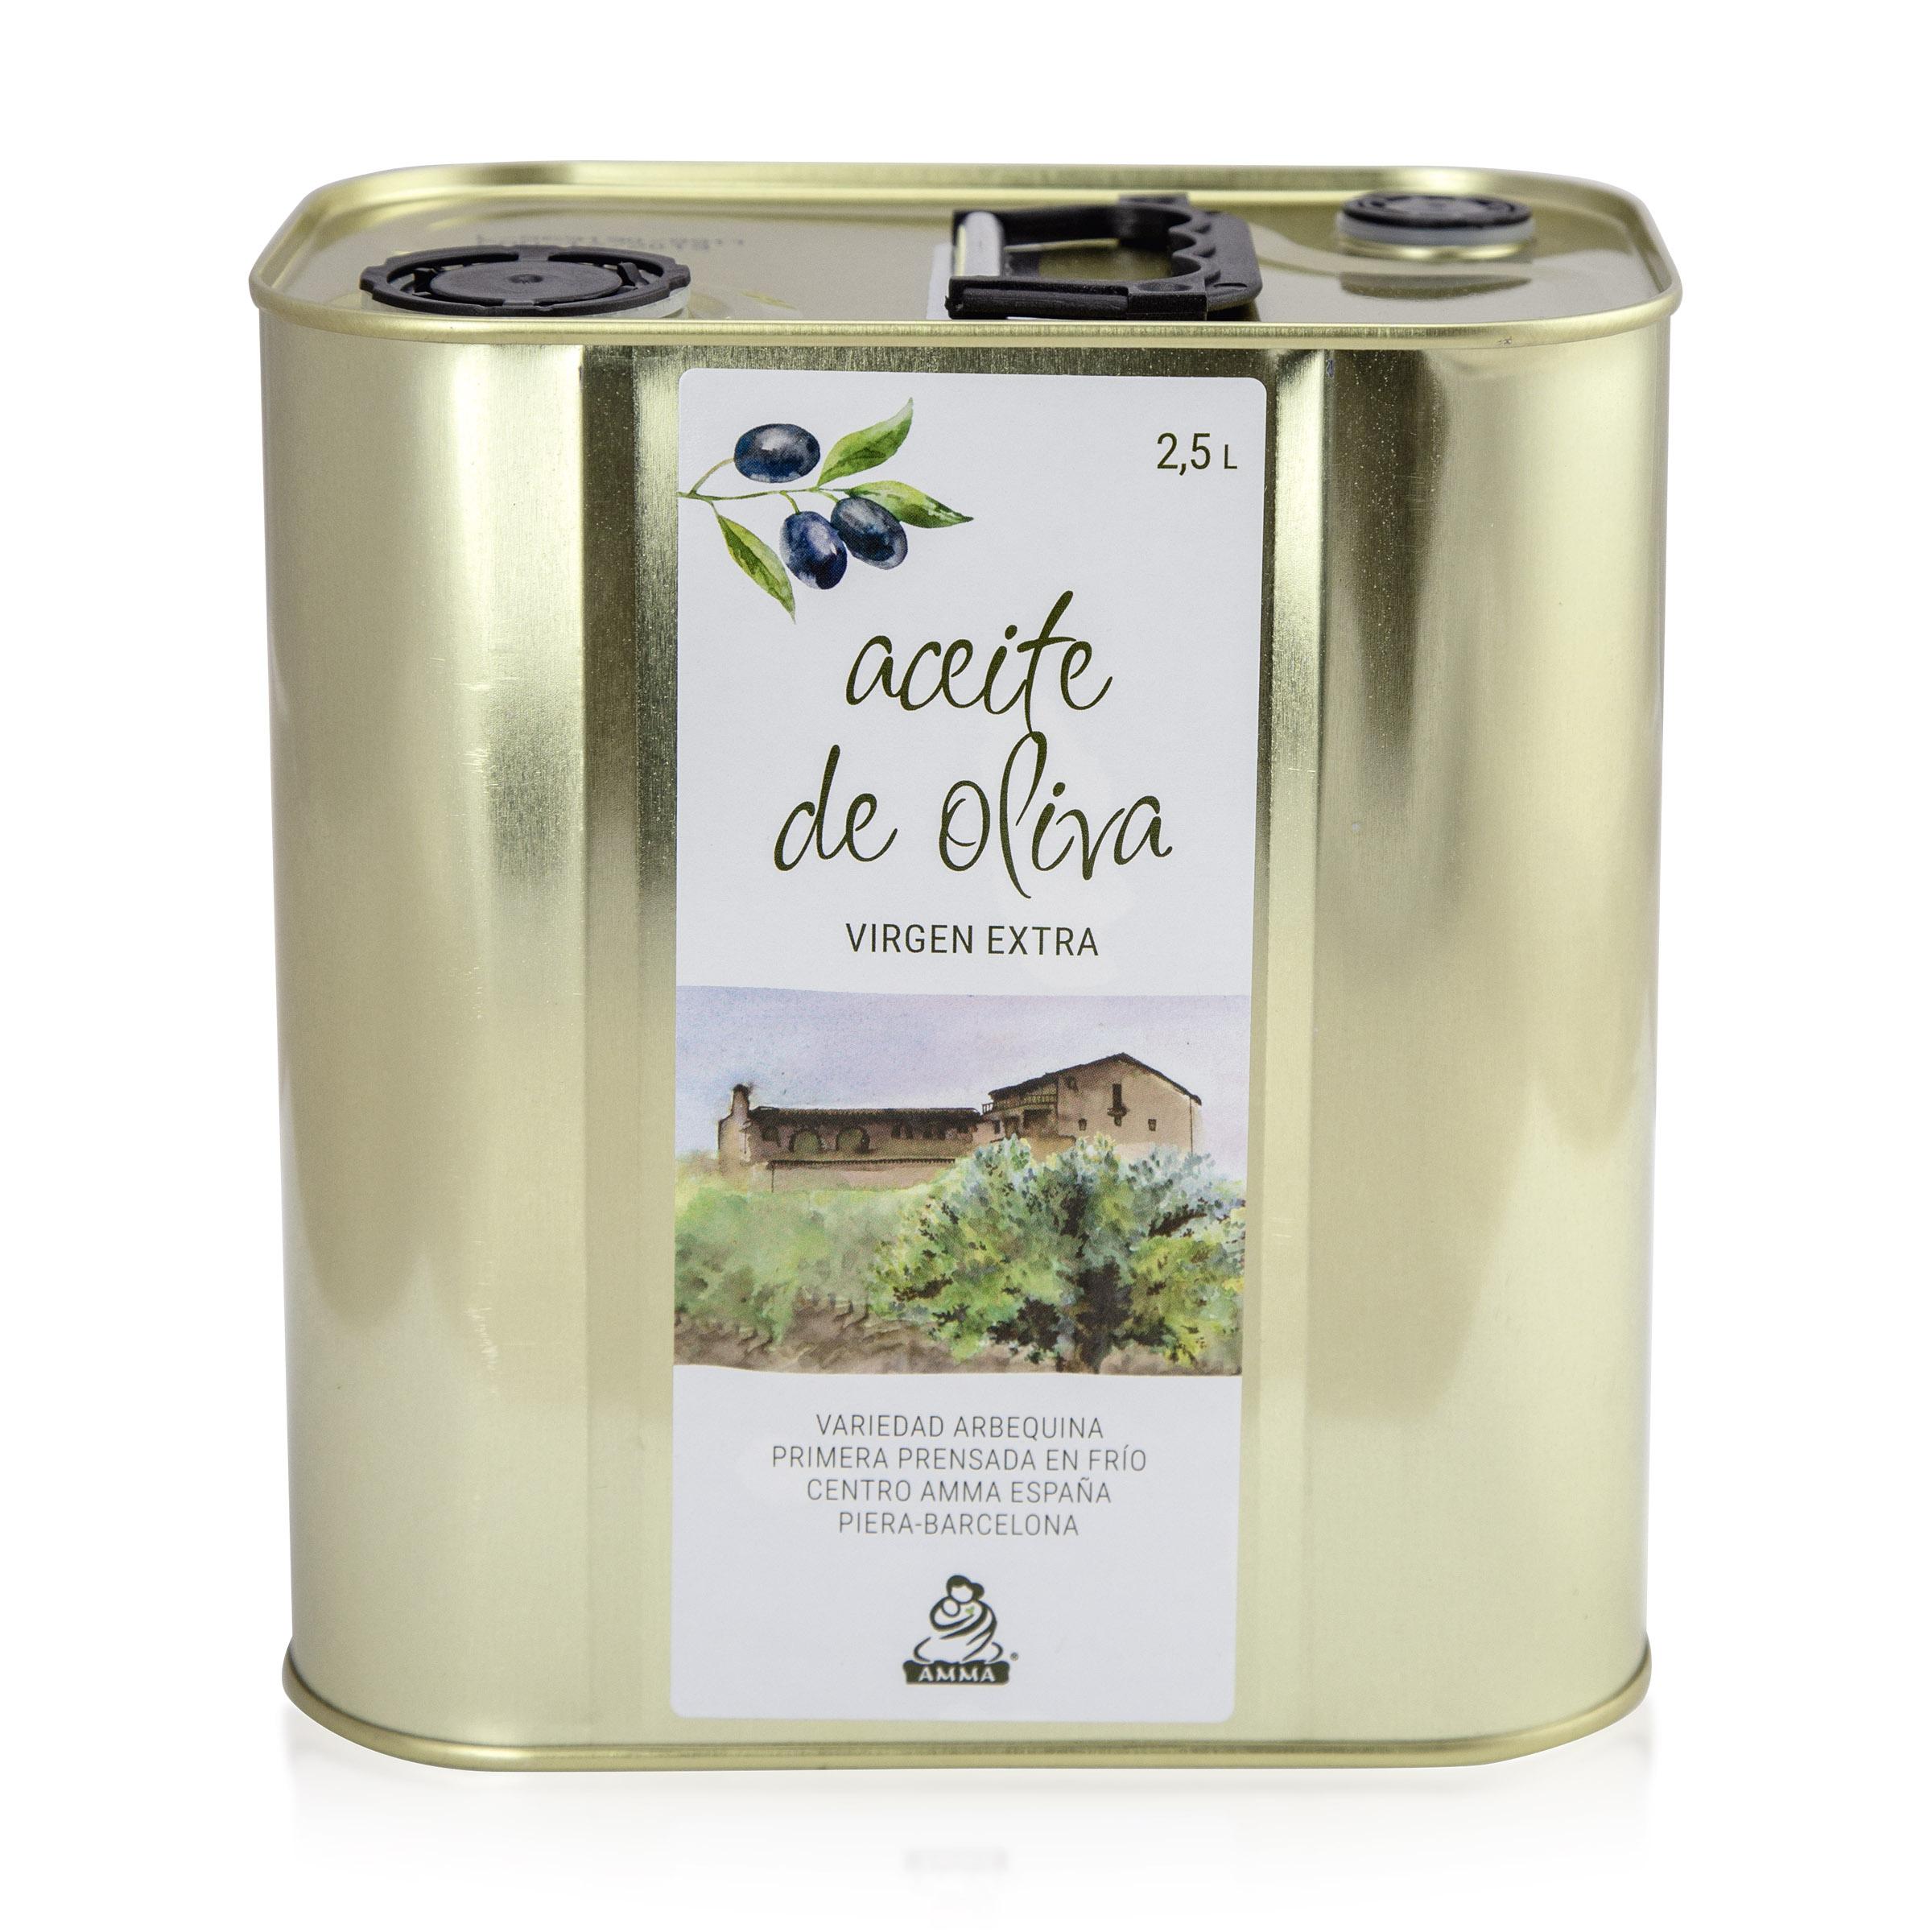 Spanish Virgin Olive Oil Extra 2,5 Liter